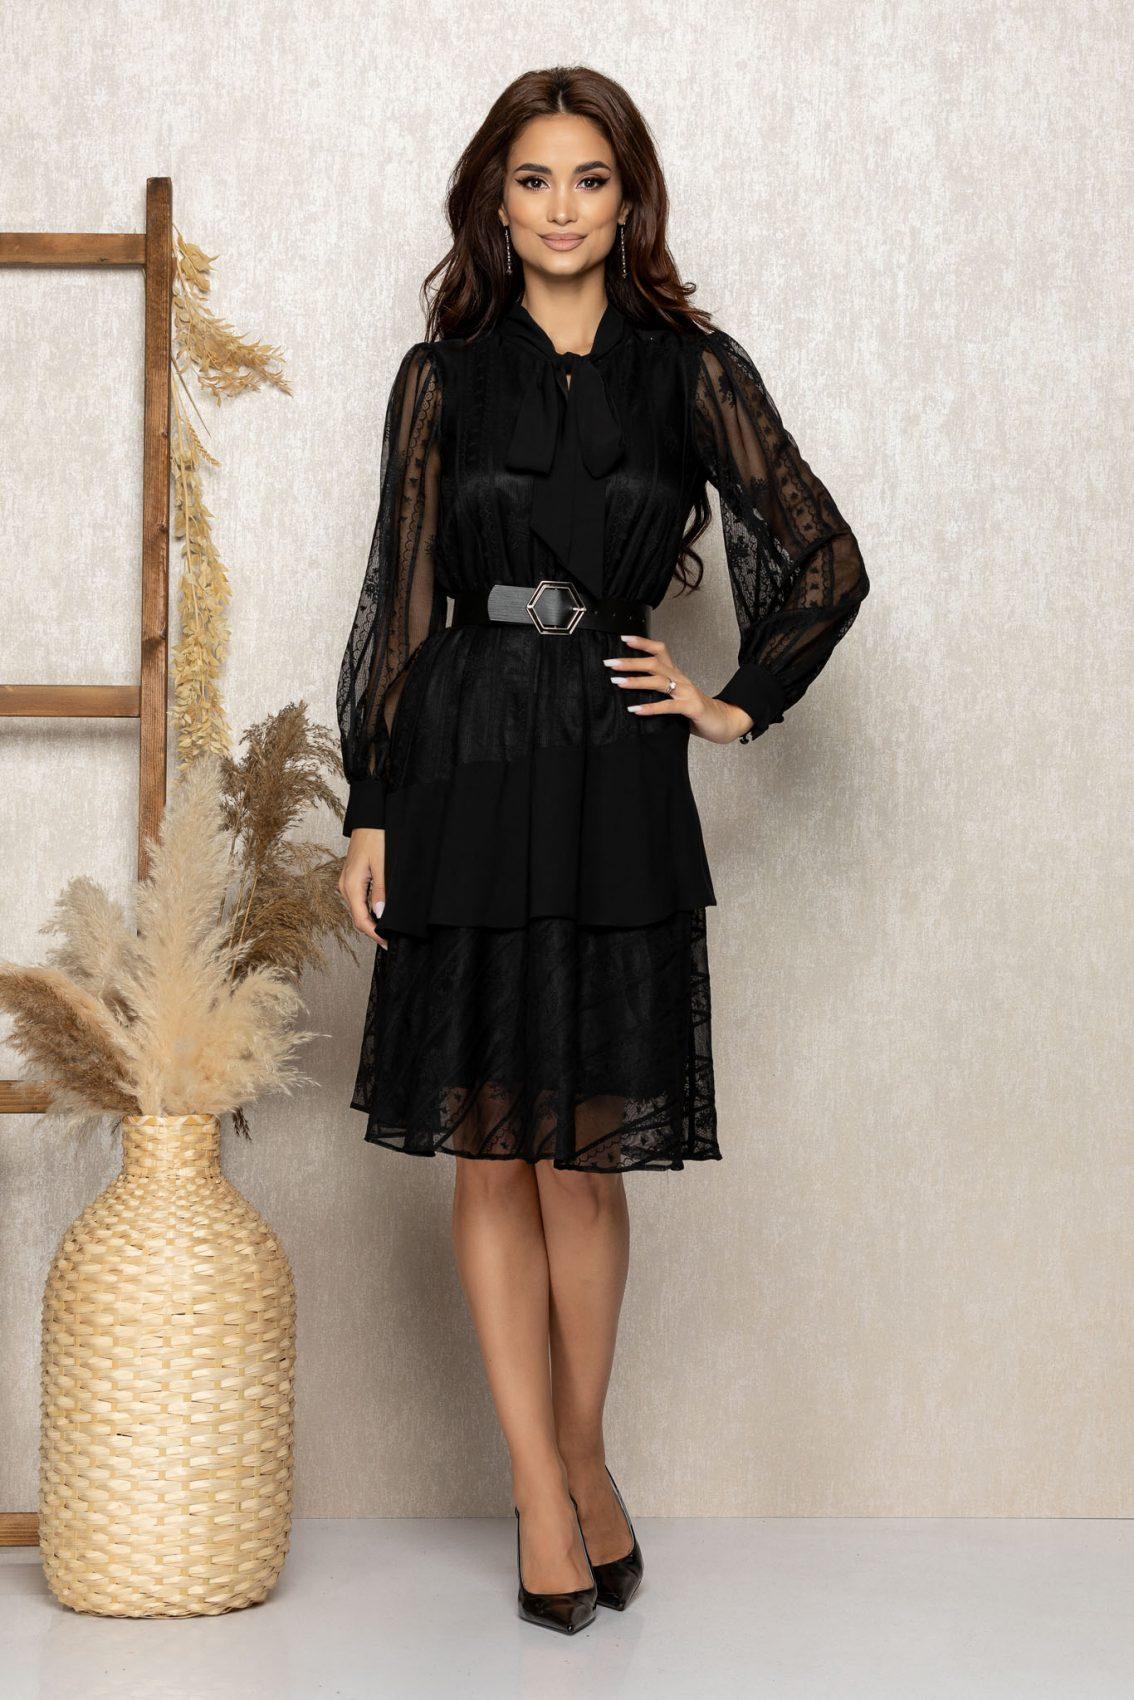 Μαύρο Βραδινό Φόρεμα Με Δαντέλα Zendaya T302 1